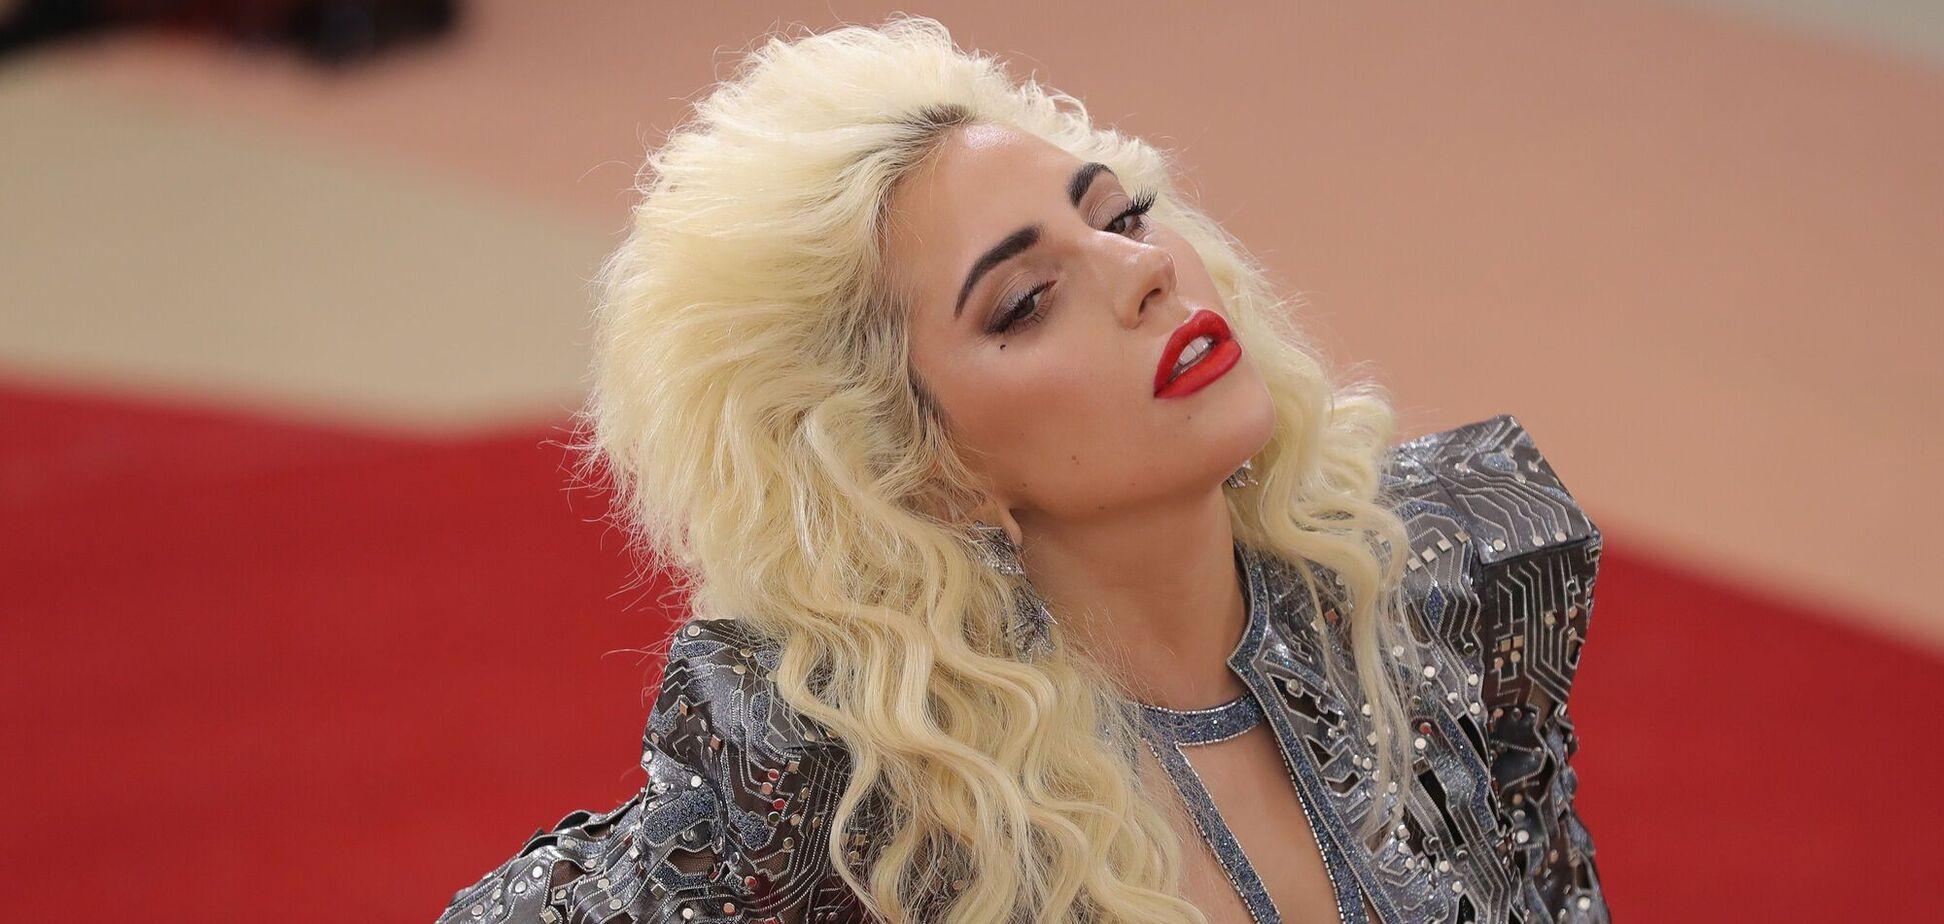 Леди Гага спела гимн США на инаугурации Байдена: как выглядела певица. Видео